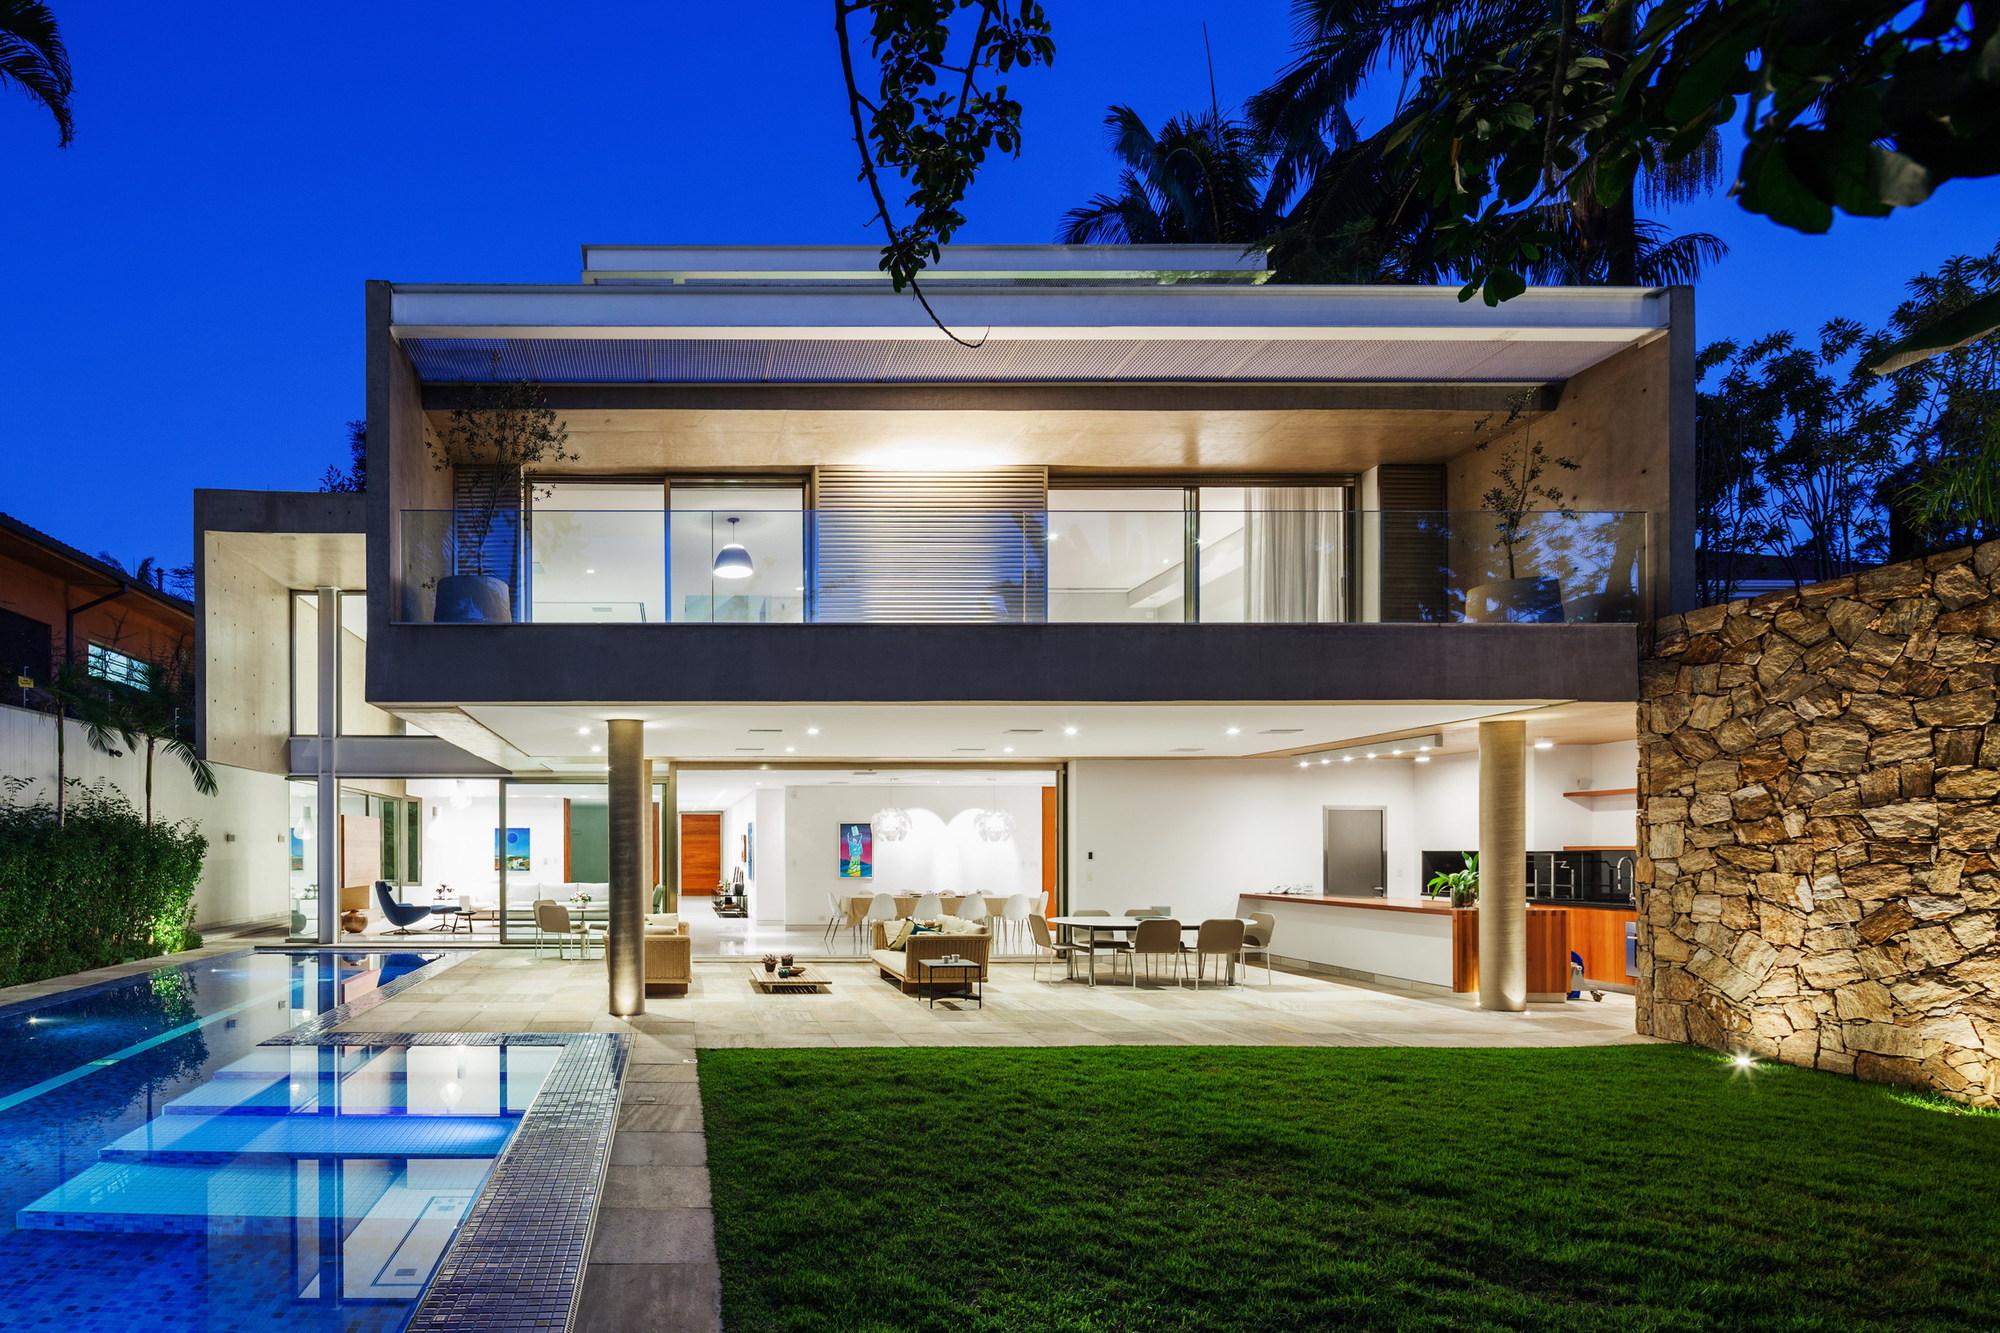 C mera de seguran a residencial 3avtec curitiba for Ville moderne design